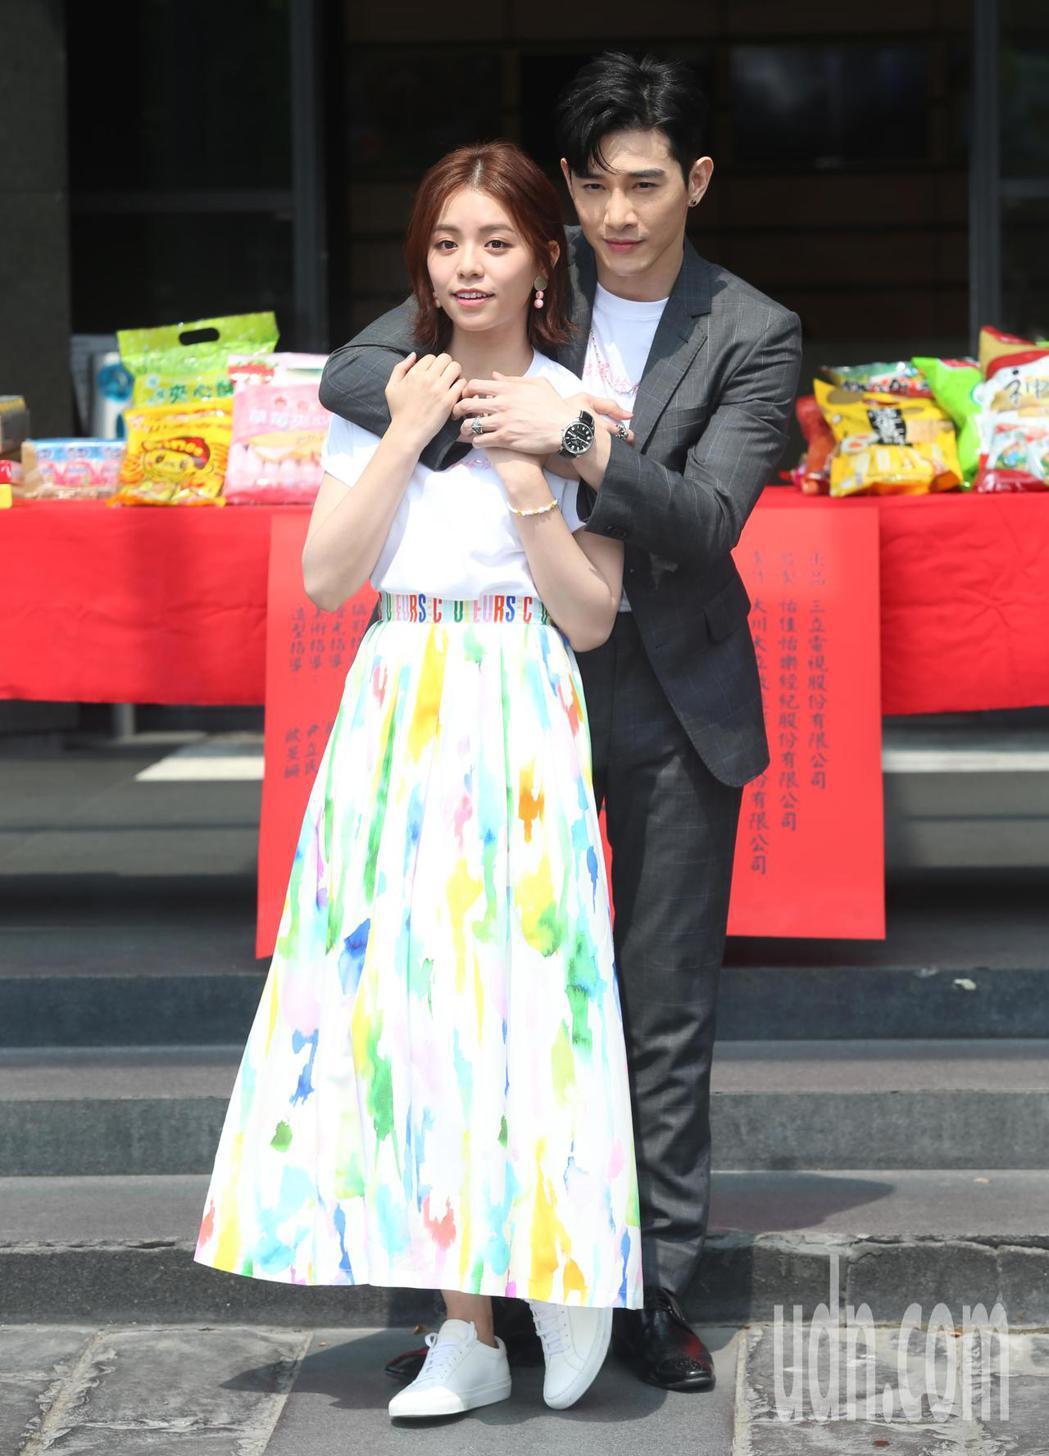 張立昂(右)之前與宋芸樺(左)合作過一部電影,在偶像劇上的合作則是第一次。記者徐...